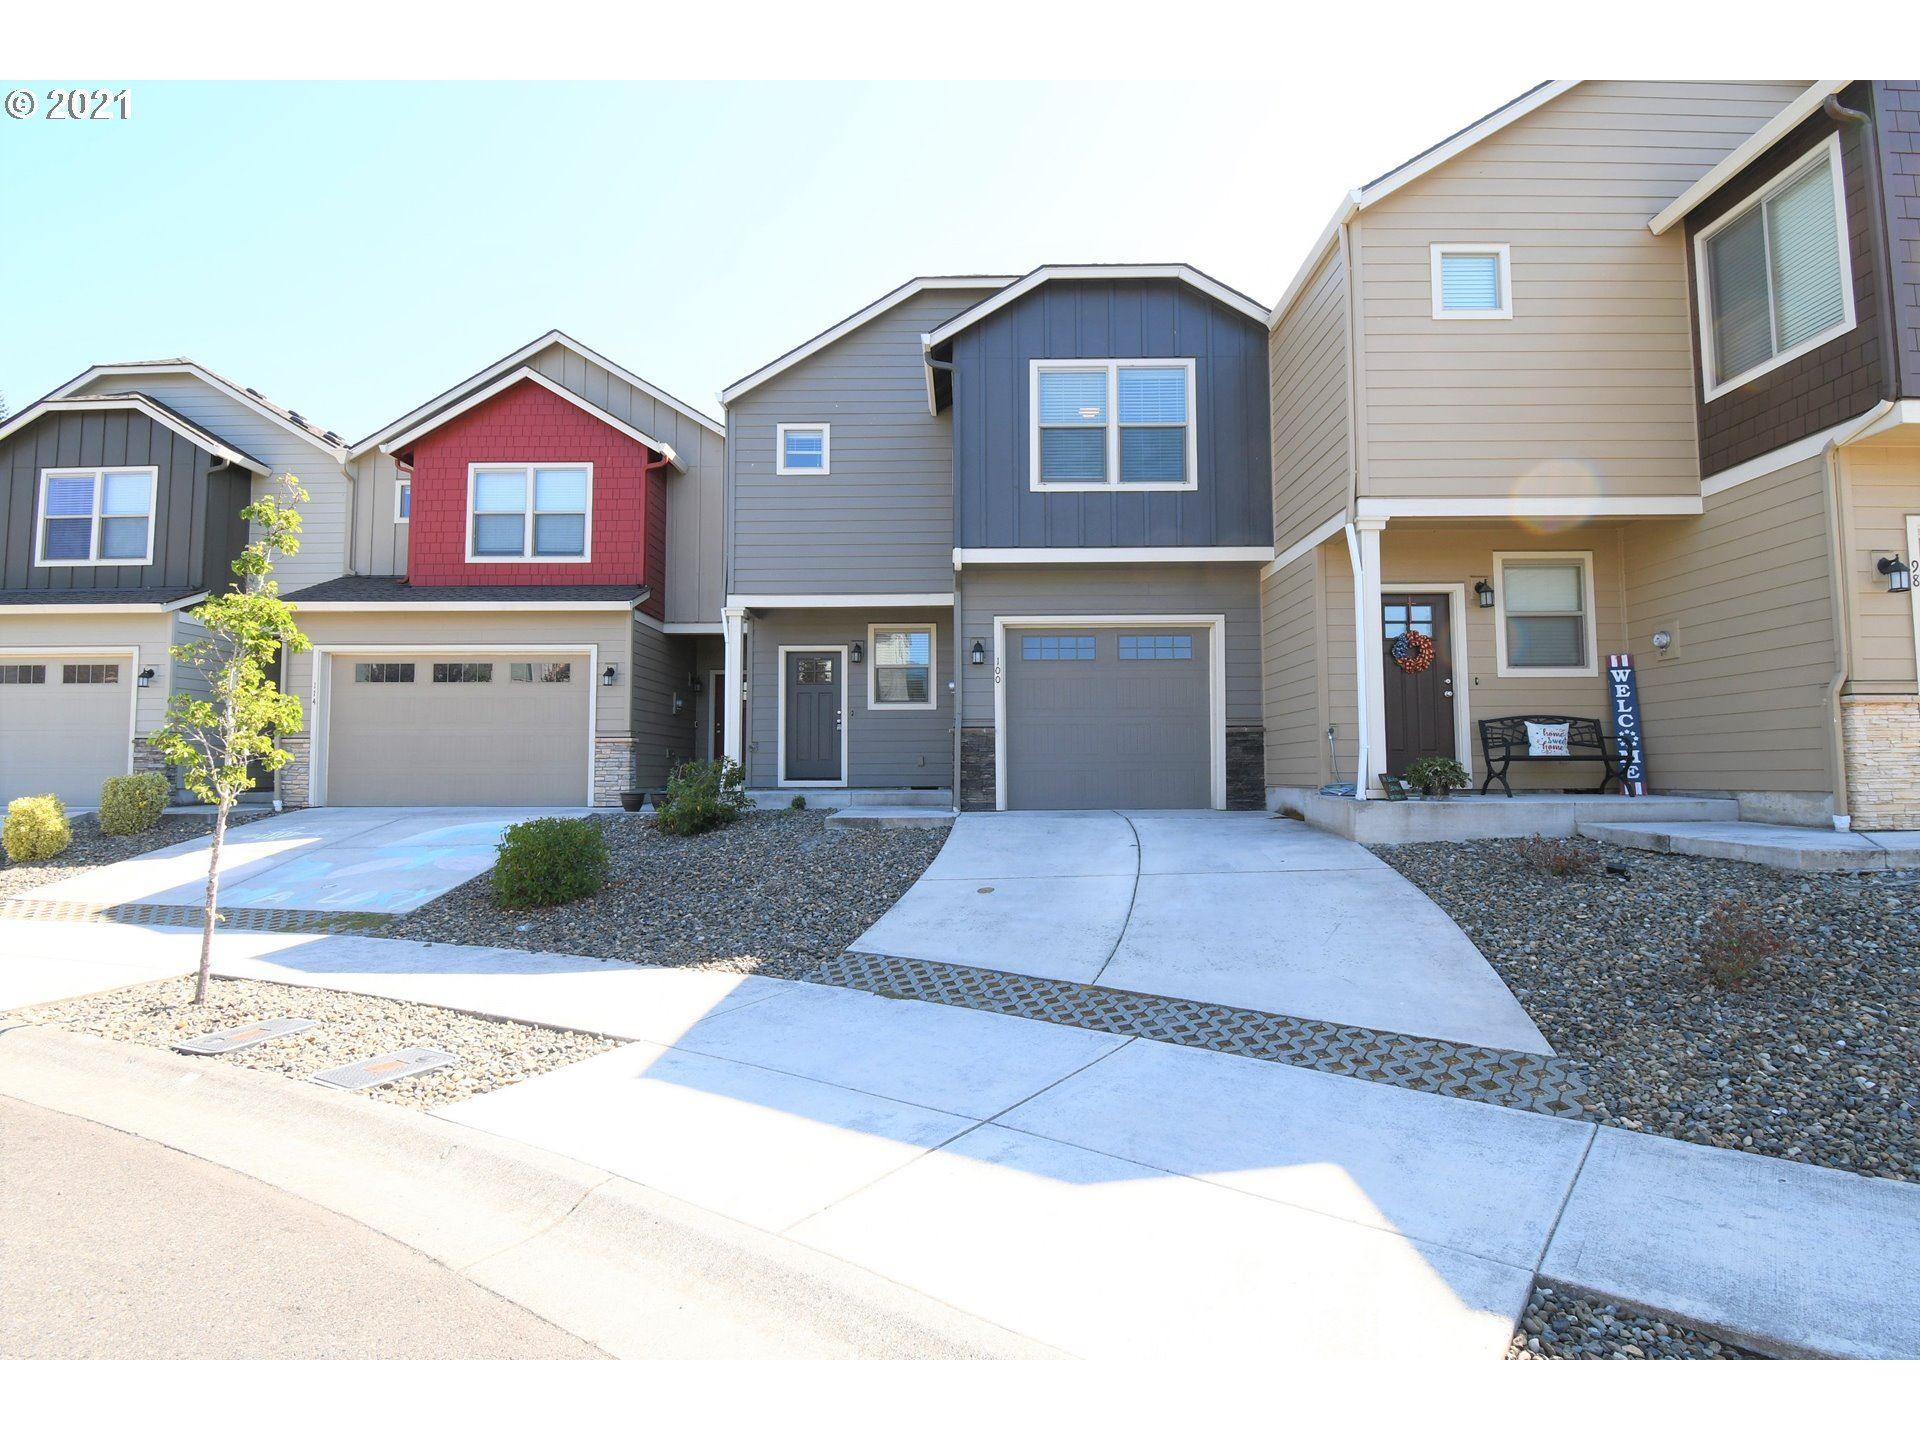 100 N 44TH PL, Ridgefield, WA 98642 - MLS#: 21381350